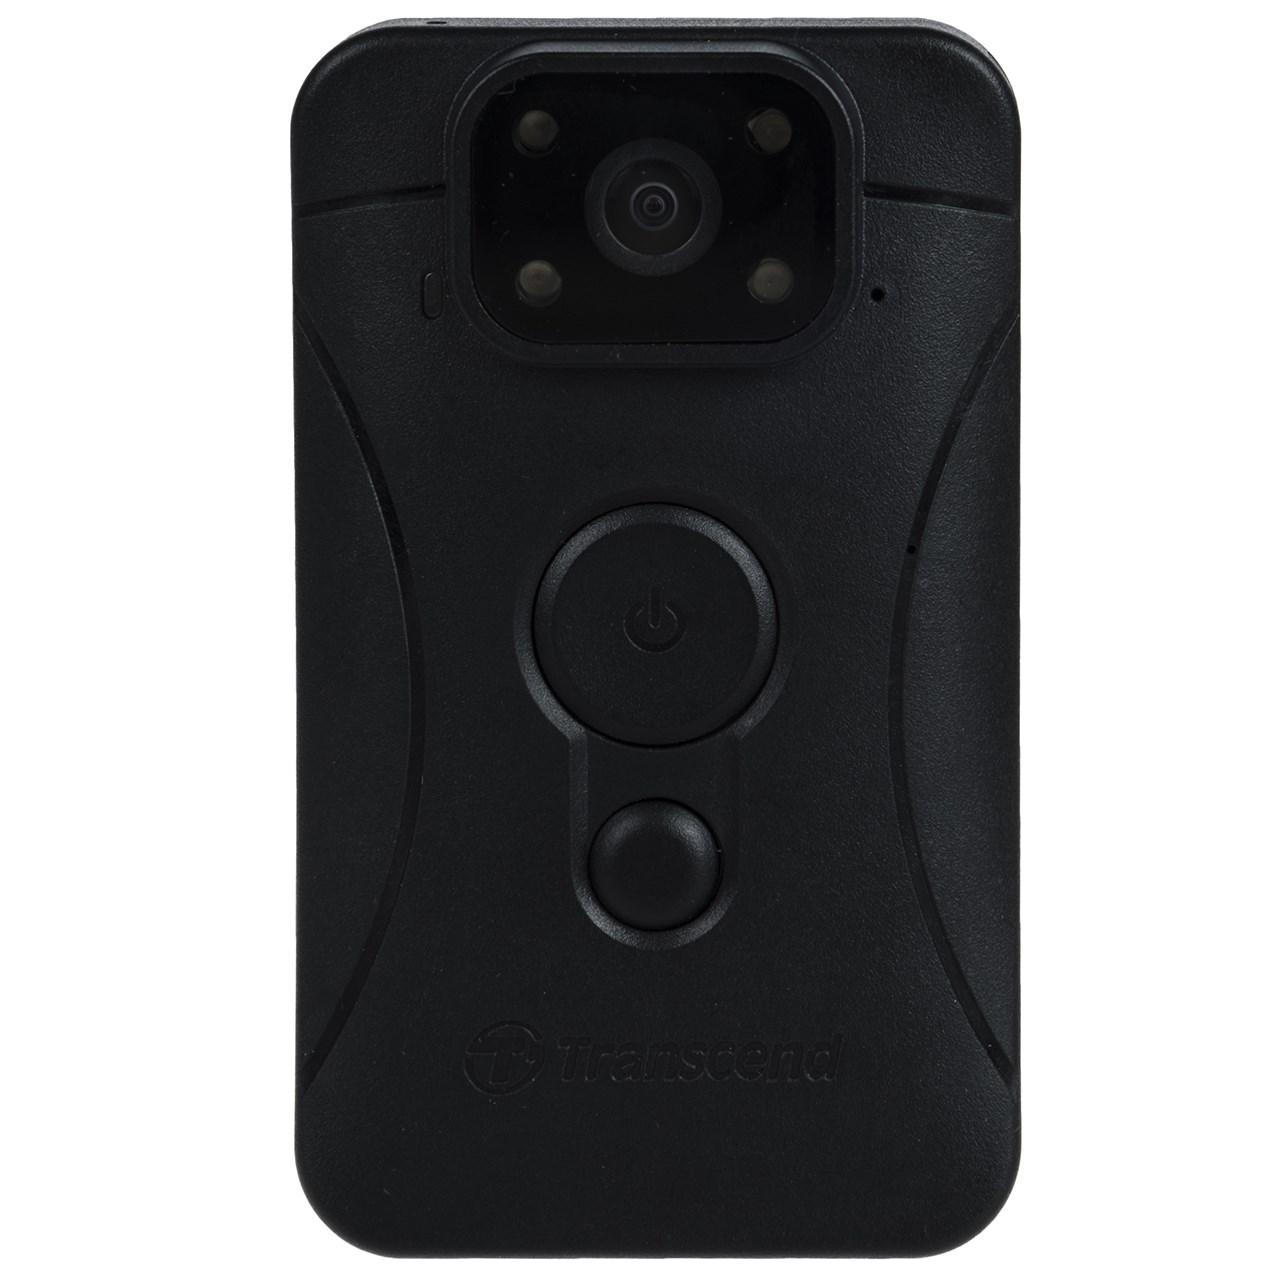 دوربین جیبی ترنسند مدل DrivePro Body 10